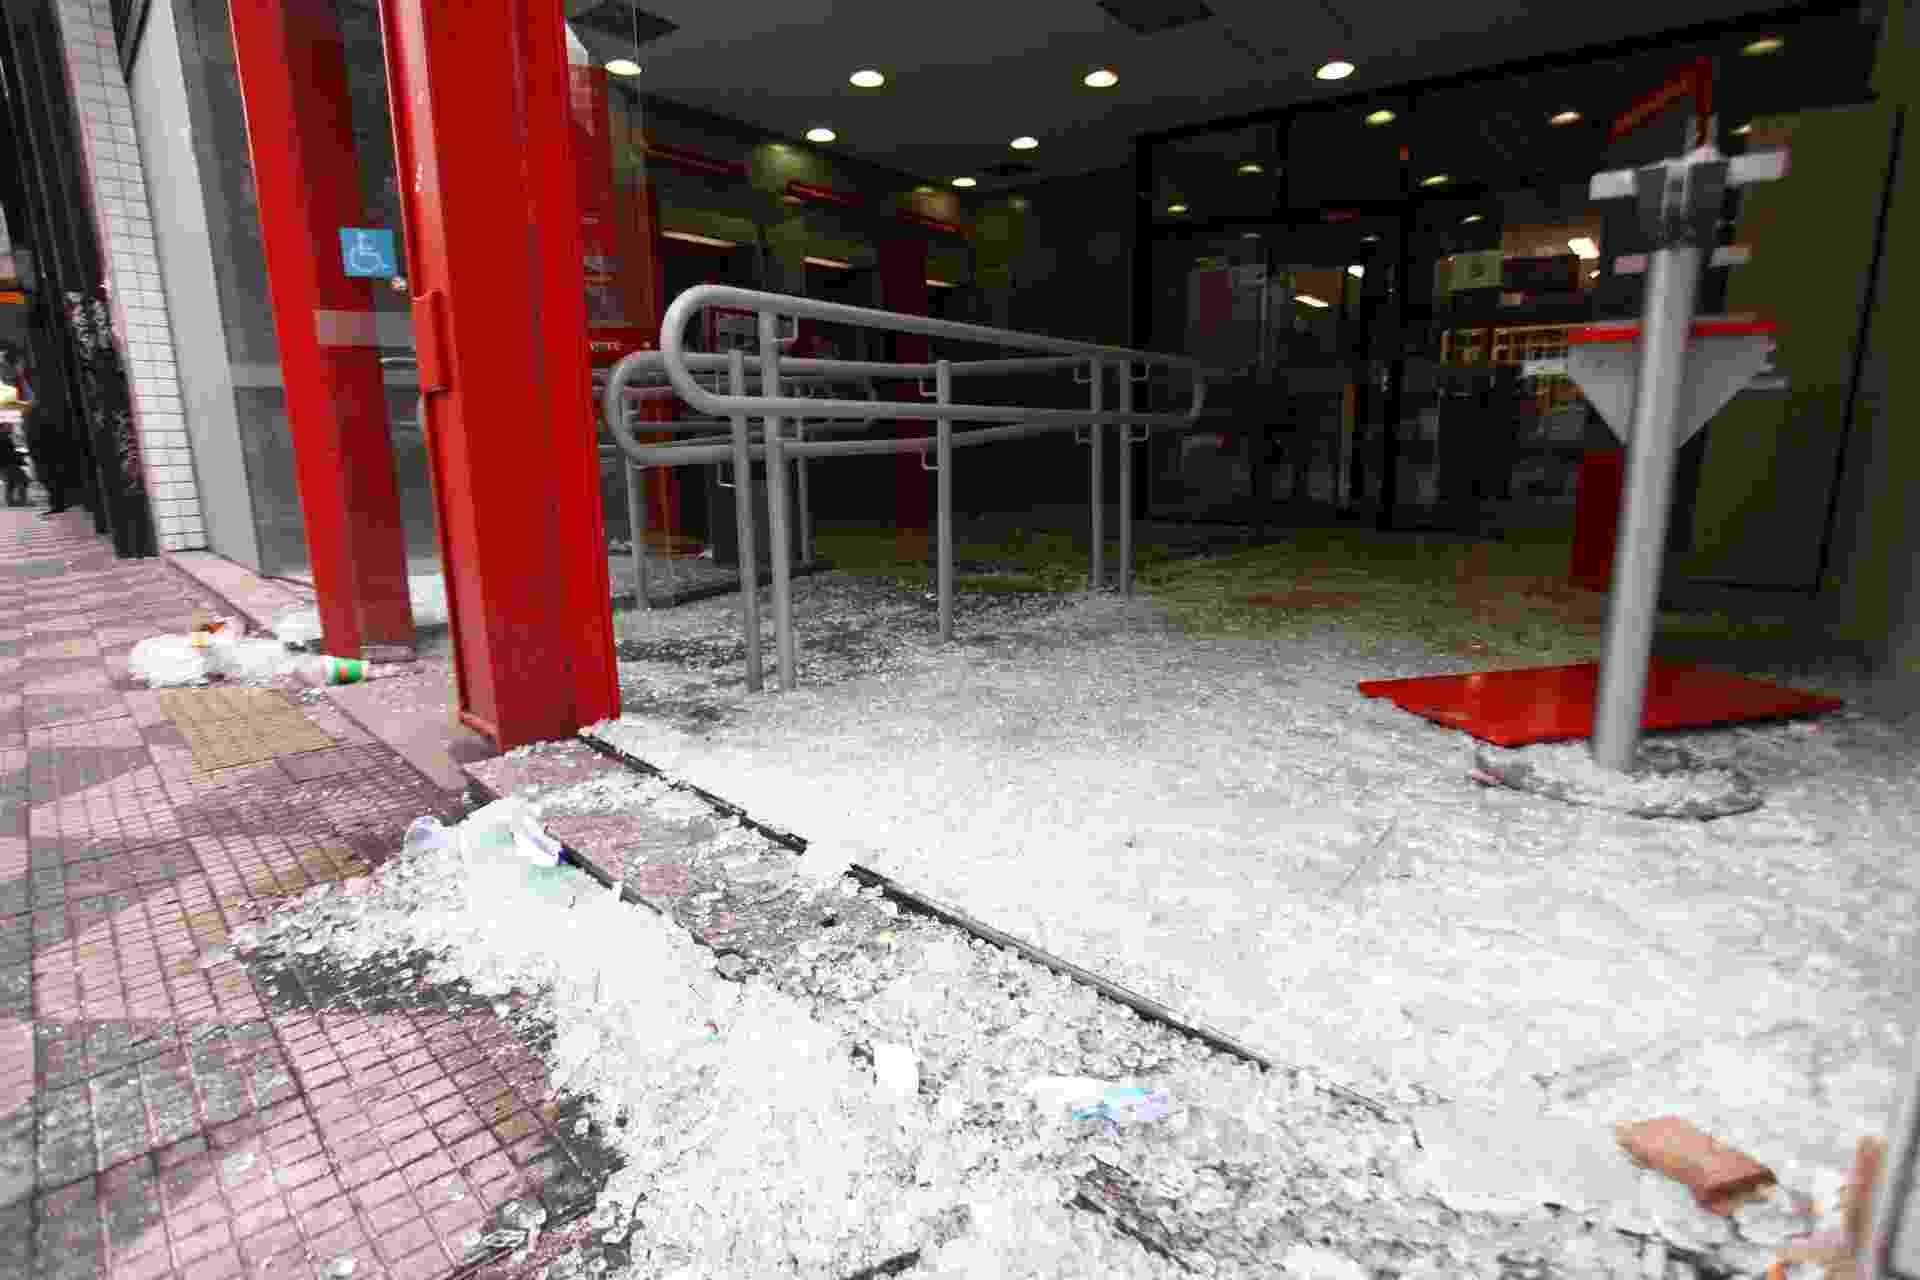 Agência bancária quebrada na avenida Ipiranga após protesto de professores e estudantes - Renato S. Cerqueira/Futura Press